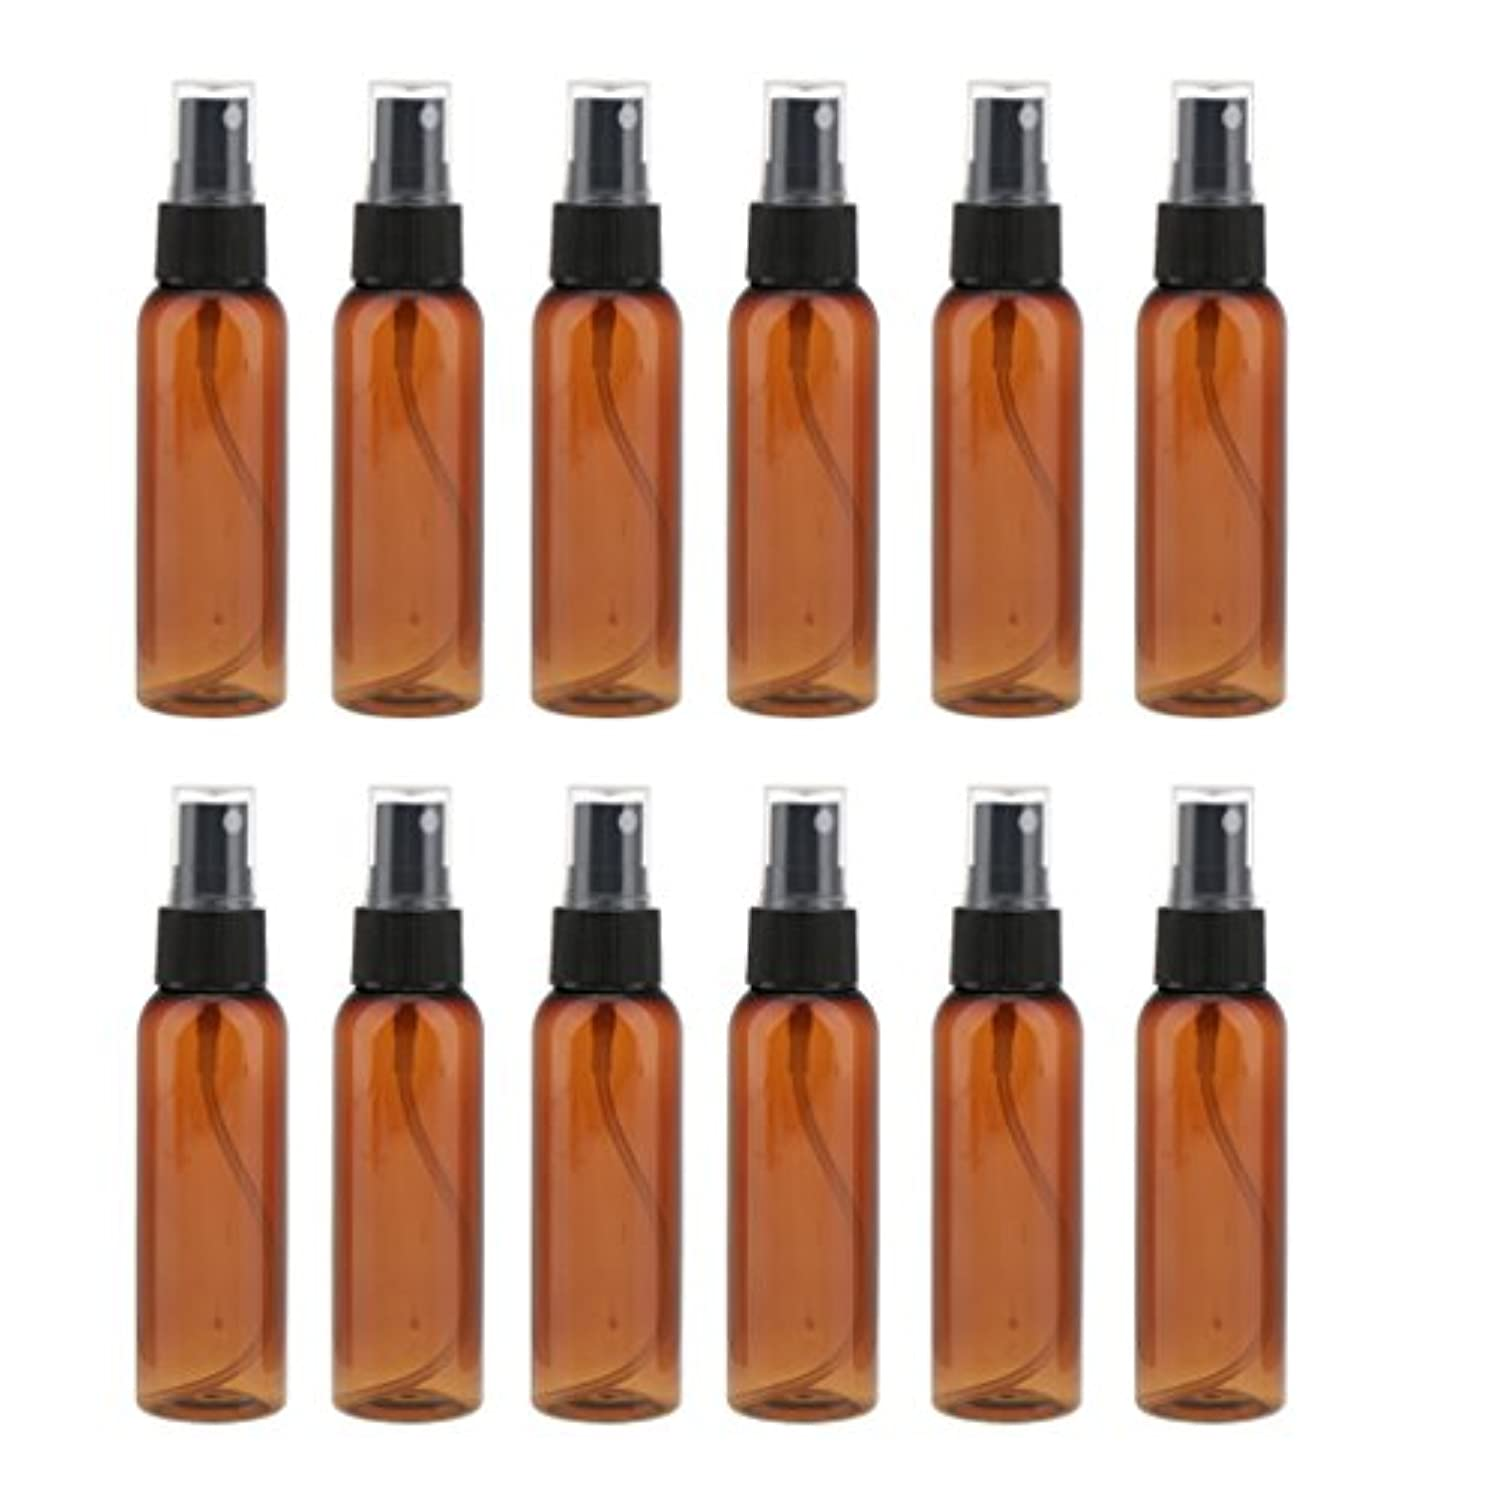 媒染剤叫び声マークSONONIA 詰め替え 化粧品容器 コンセプト 空のスプレーボトル 旅行 漏れ防止 60ml 12本 全3色 - ブラック